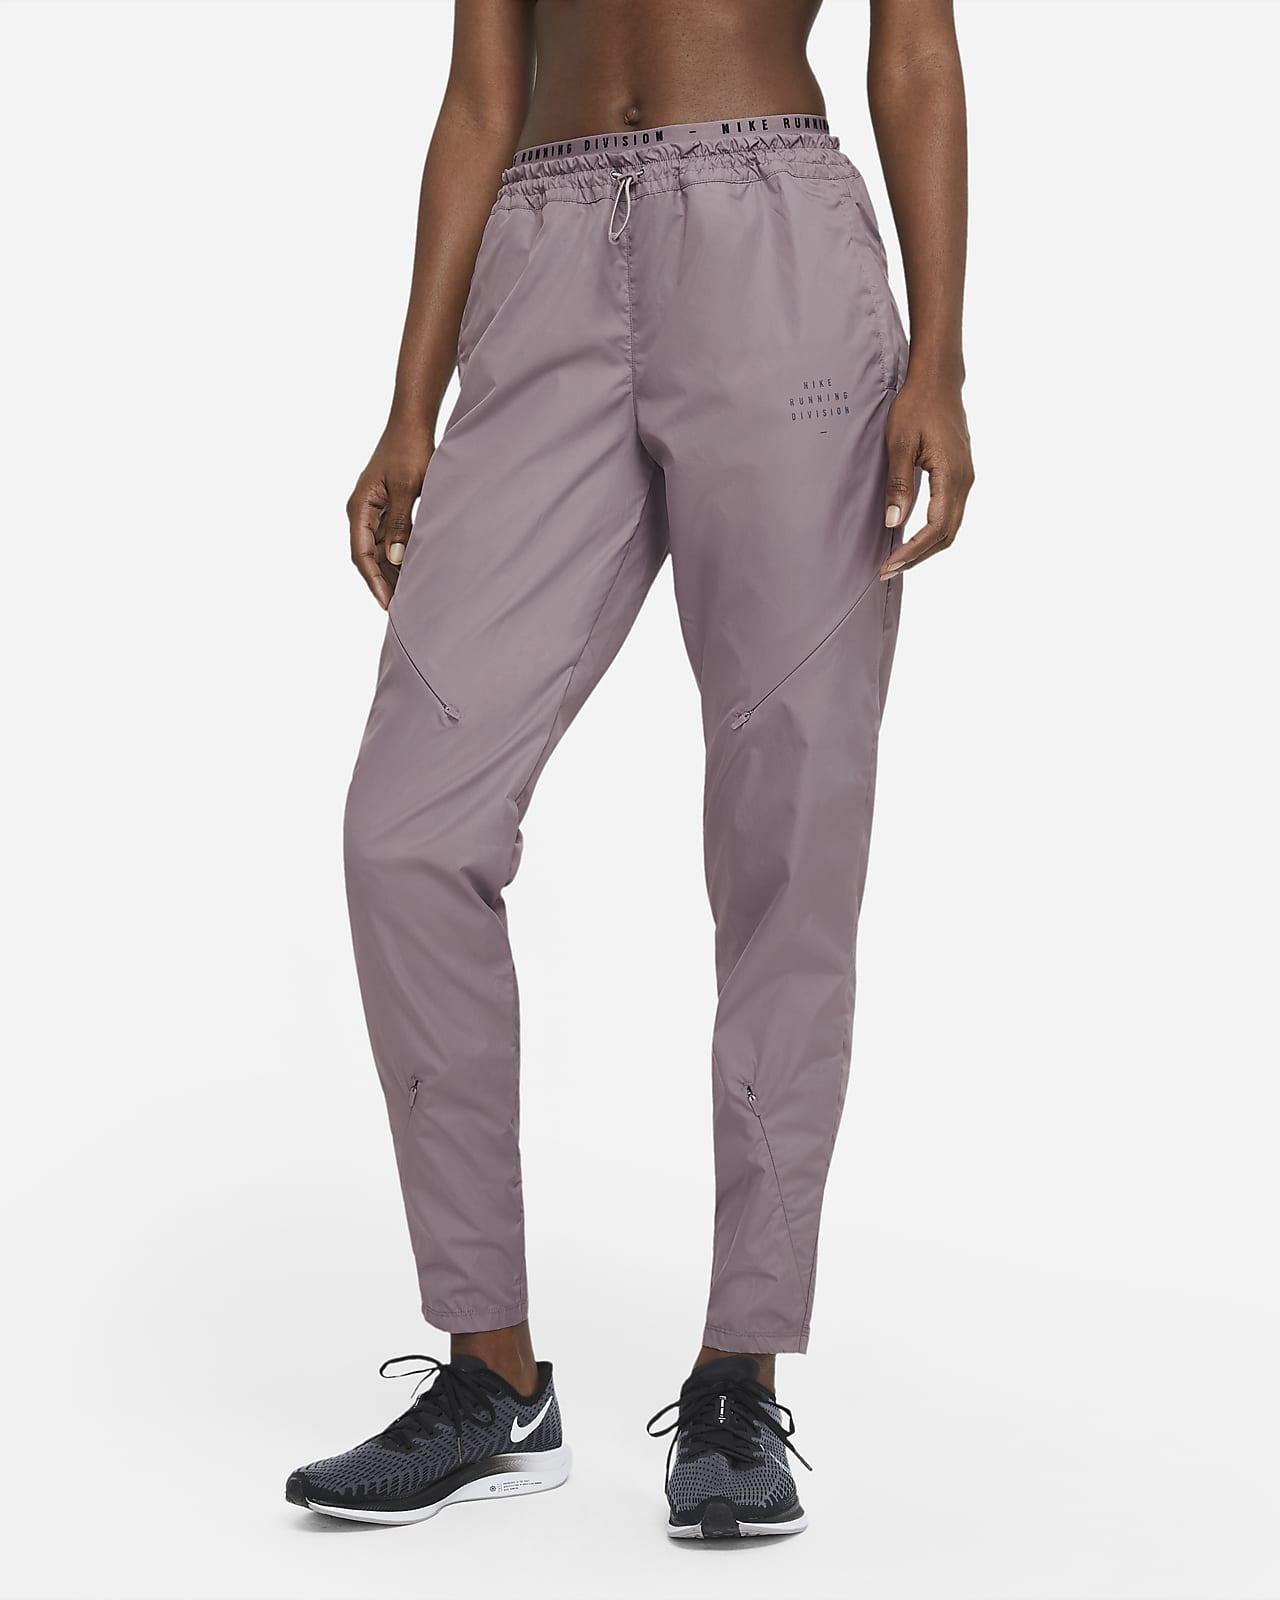 Nike Run Division Pantalón de running con ventilación dinámica - Mujer